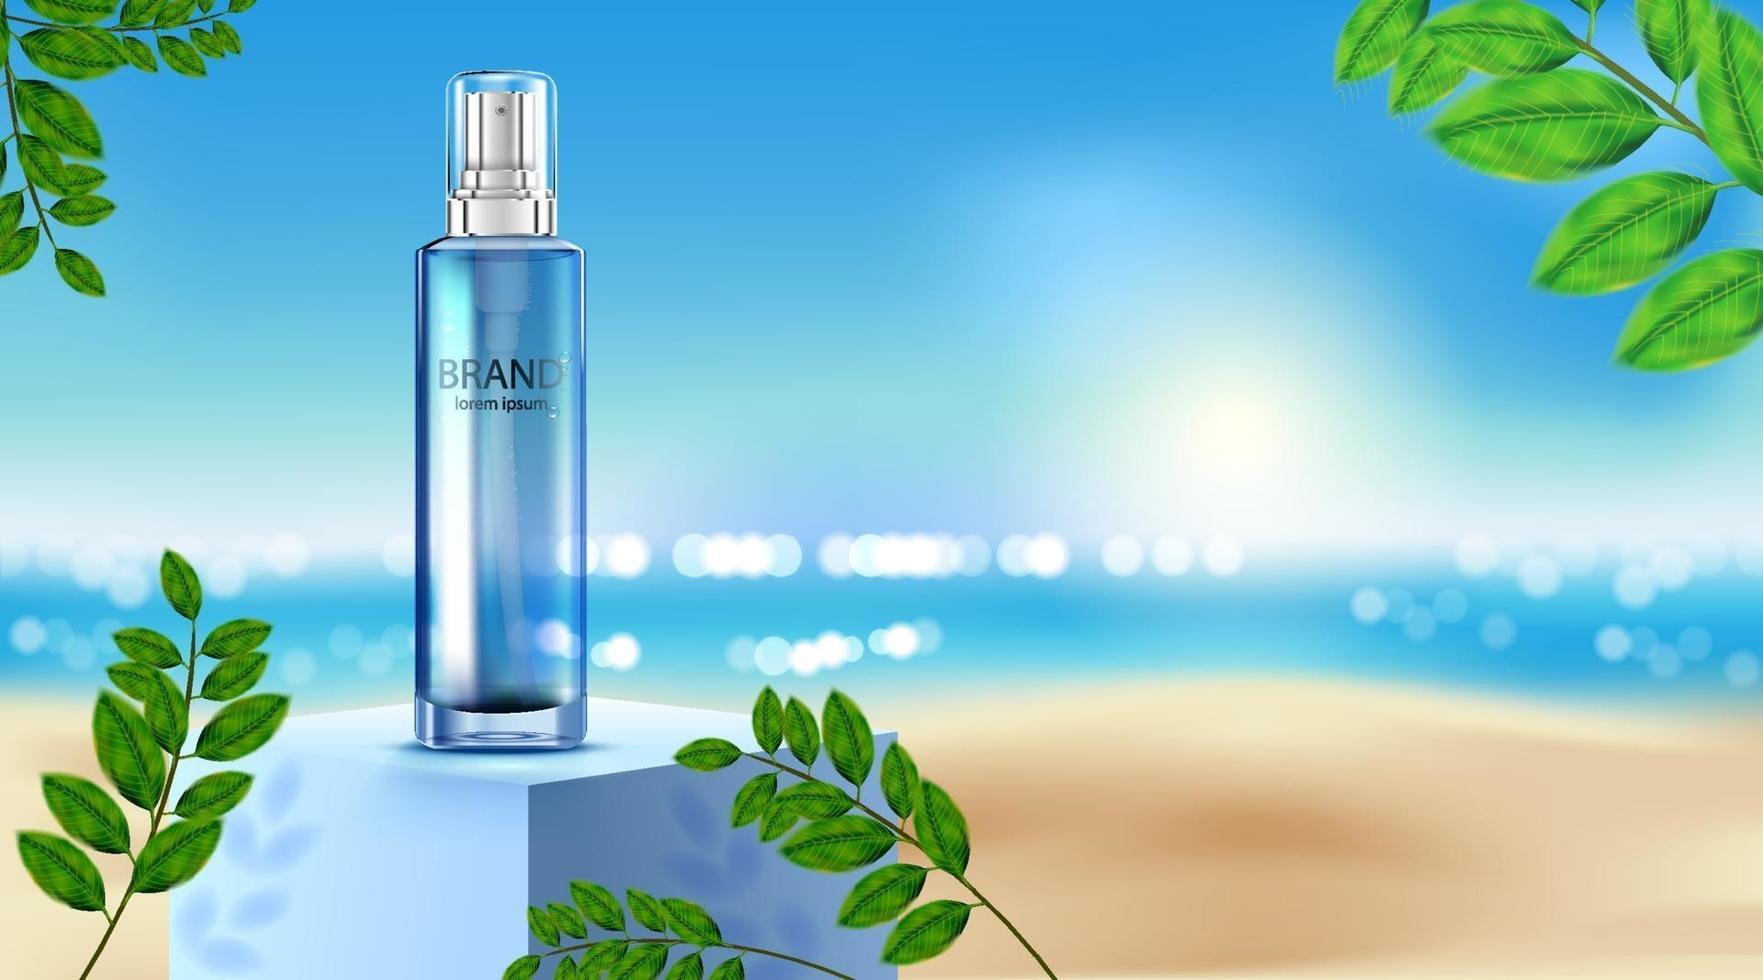 crème de soin de peau de paquet de bouteille cosmétique de luxe, affiche de produit cosmétique de beauté, feuilles et fond de plage vecteur